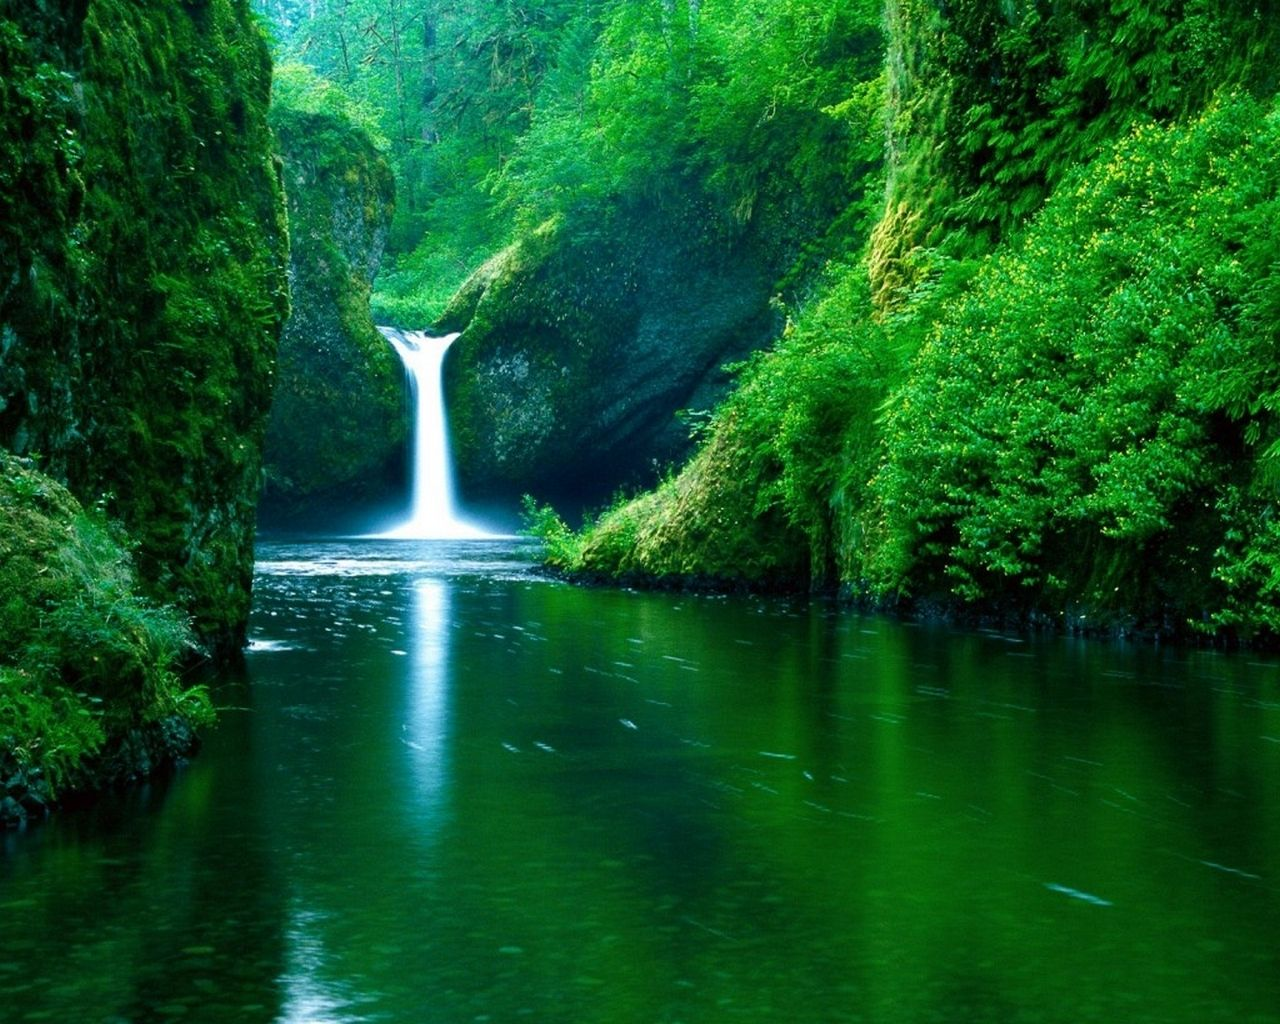 Des Etudes Ont Demontre Que Le Contact Avec La Nature Avait Des Effets Positifs Sur Notre Esprit Et Notre Corps Le Simpl Les Cascades Chute D Eau Belle Nature